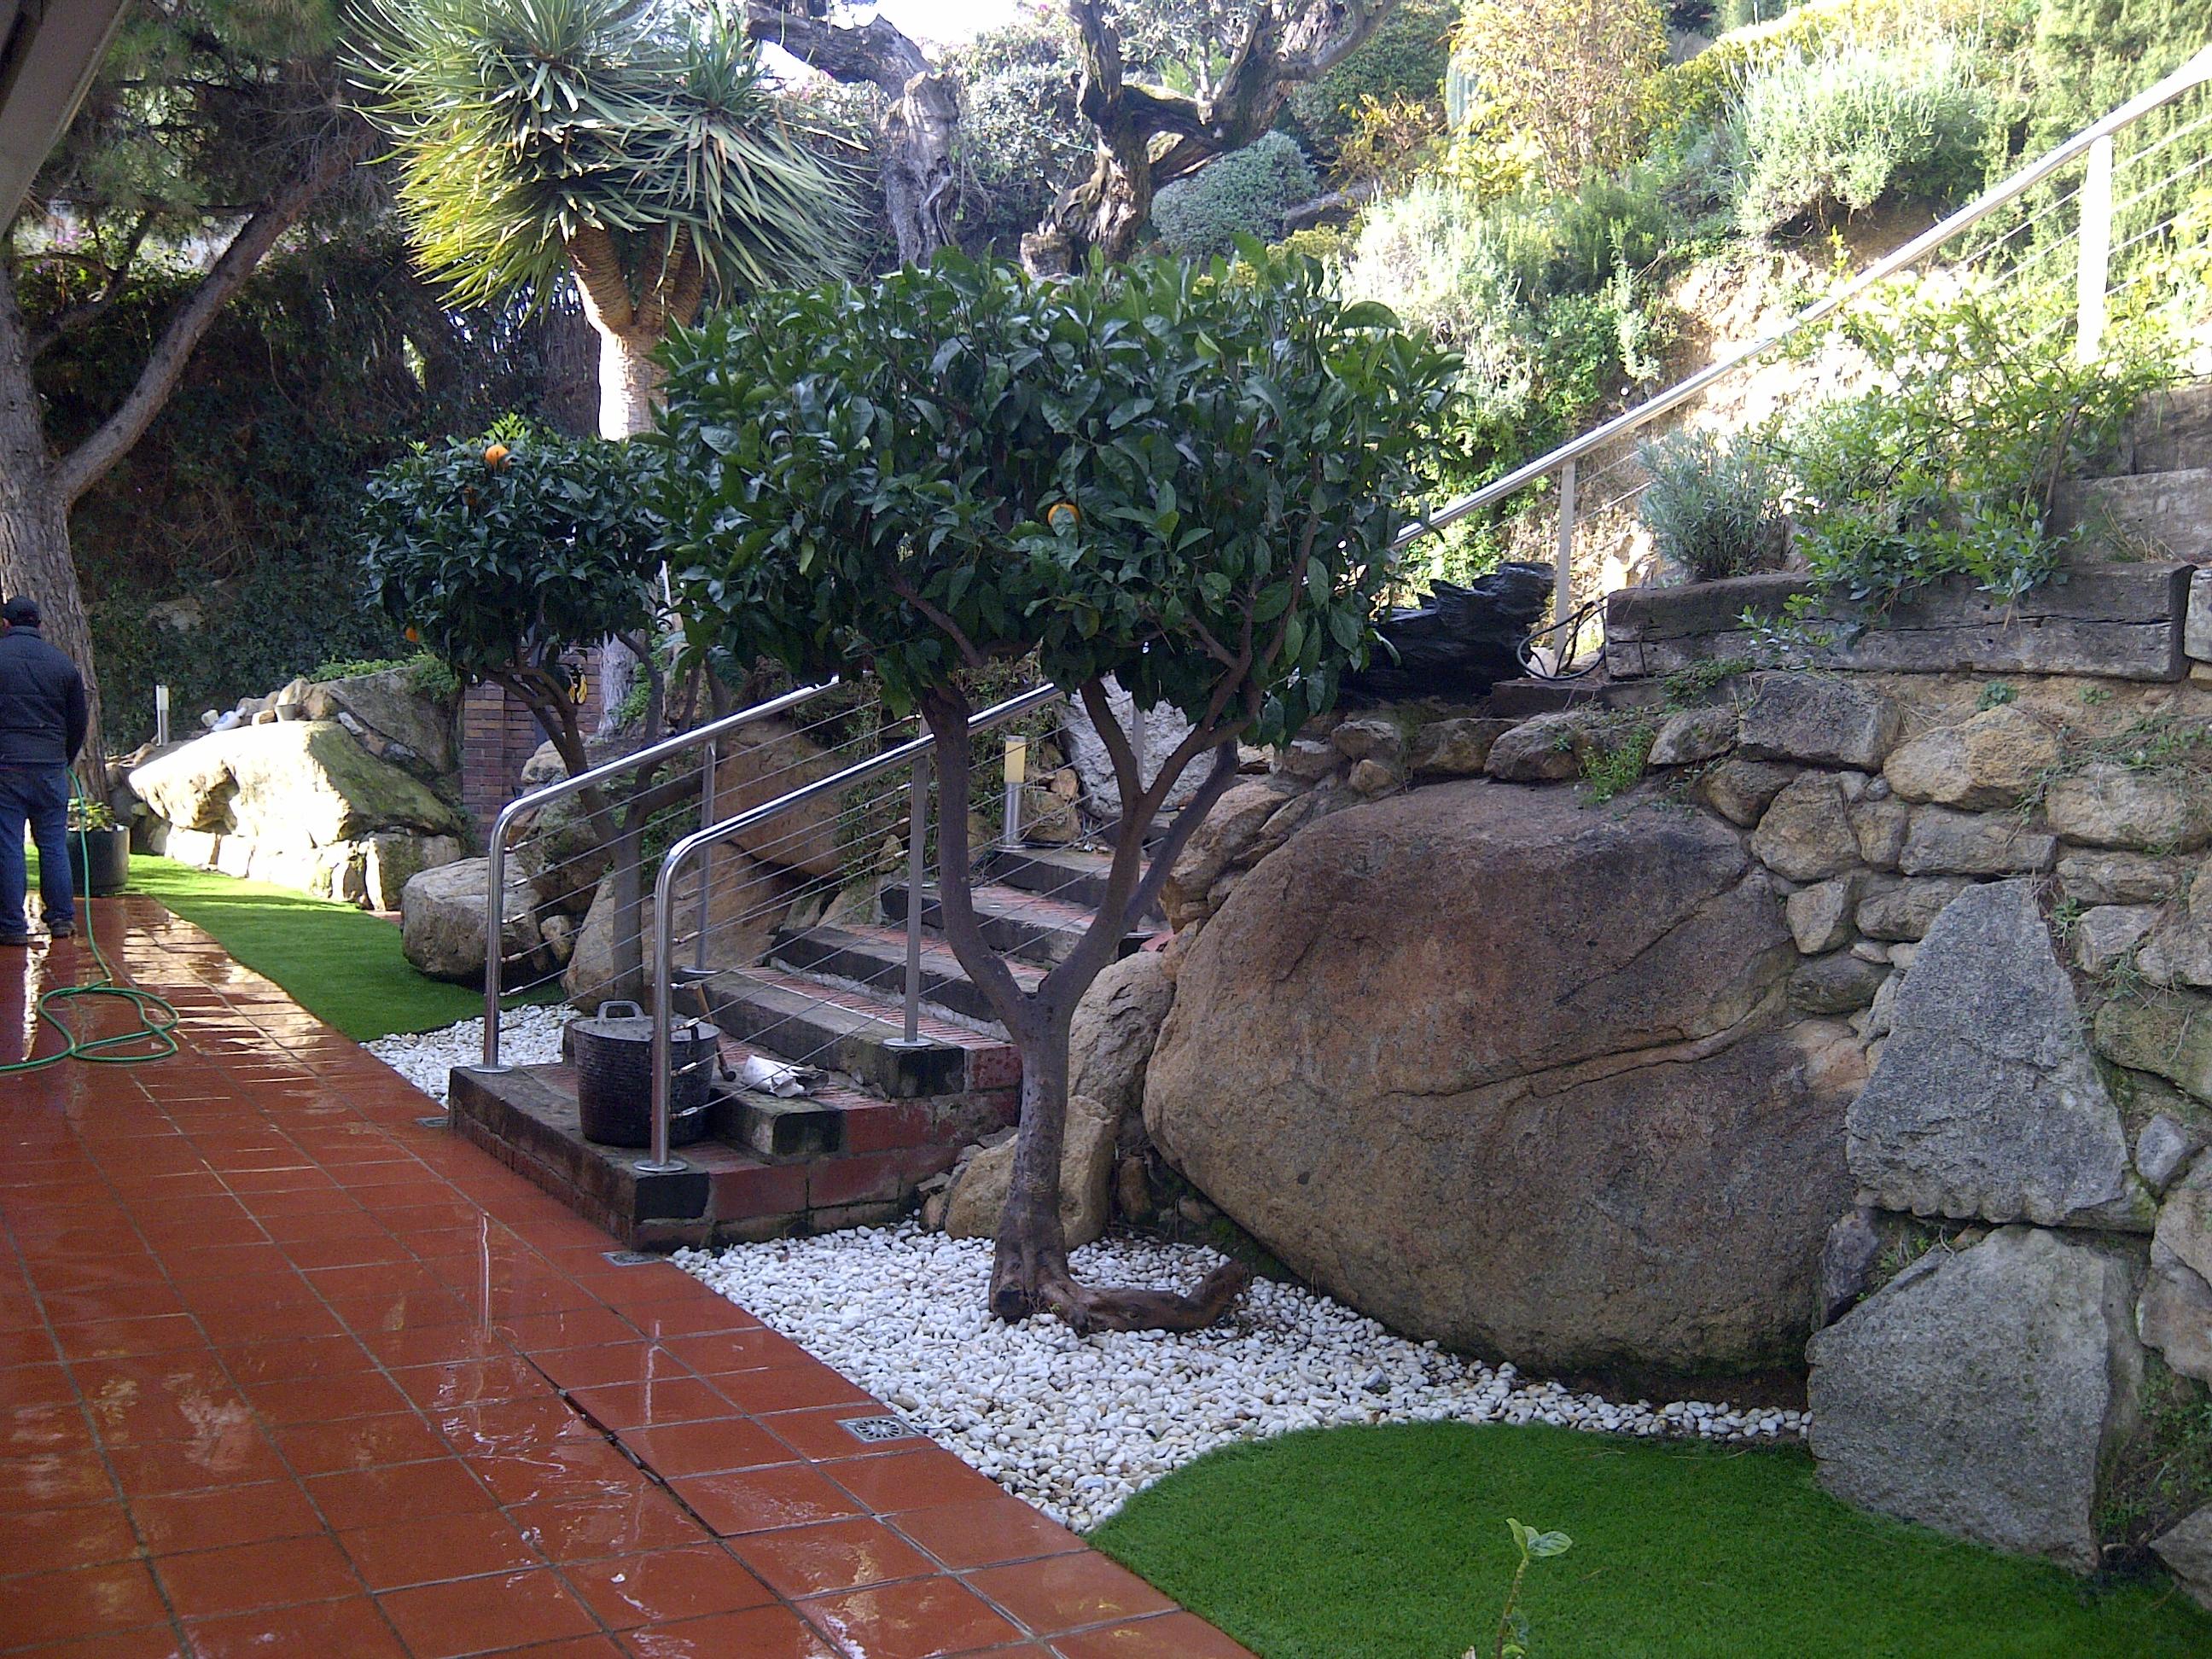 Renovando jardines con c sped artificial - Casa jardin badalona ...